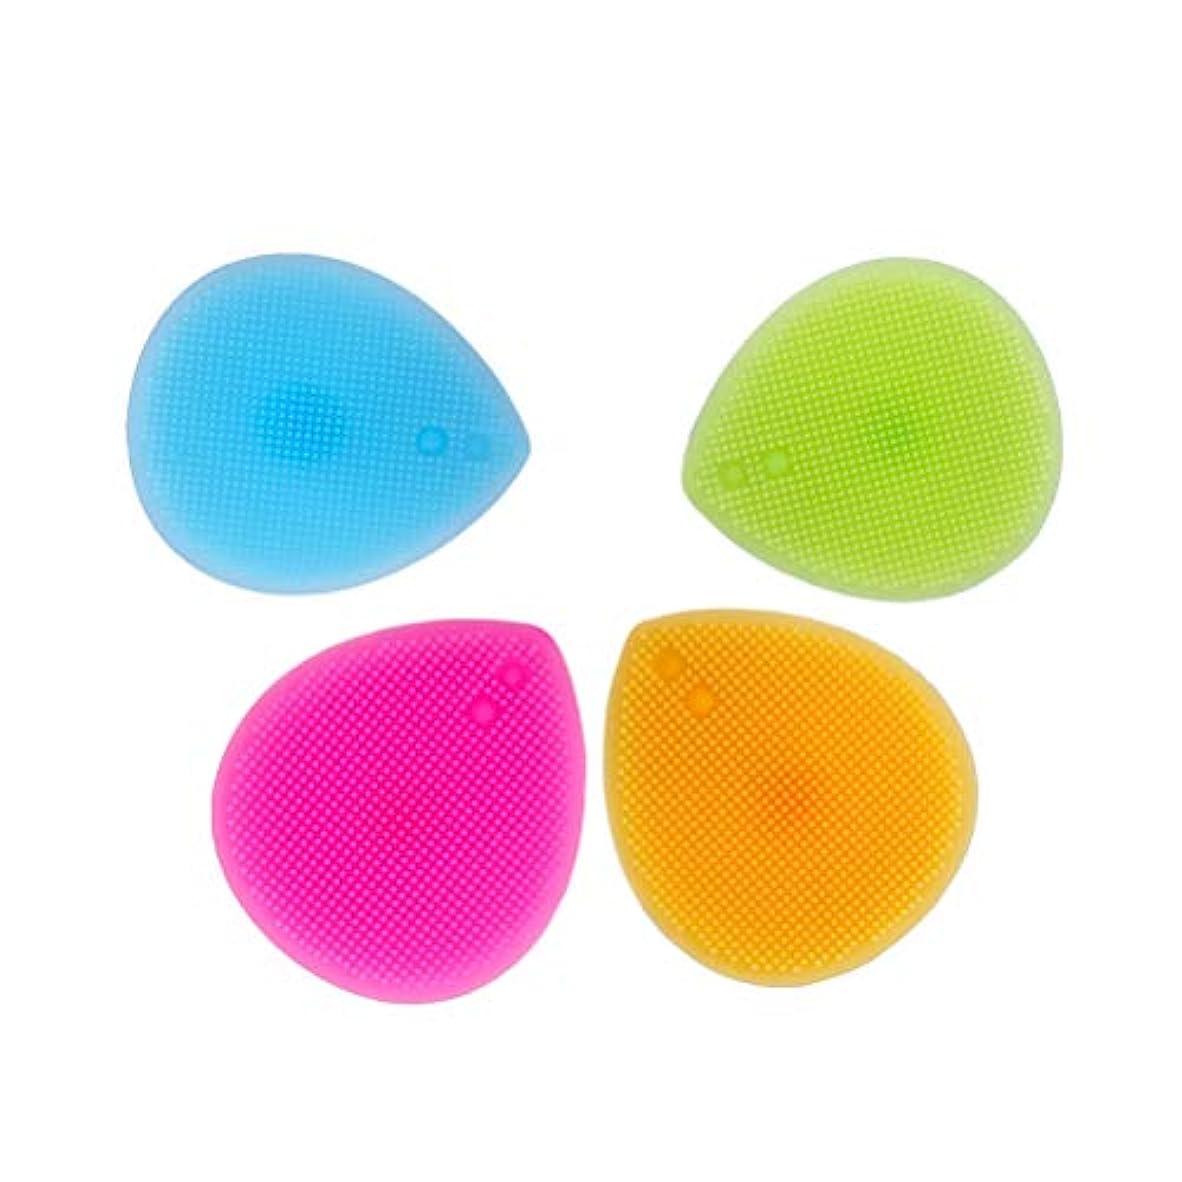 モックゴシップ可能性ROSENICE シリコーンフェイシャルクレンジングブラシハンドカップ4個付ハンドヘルドマッサージブラシ